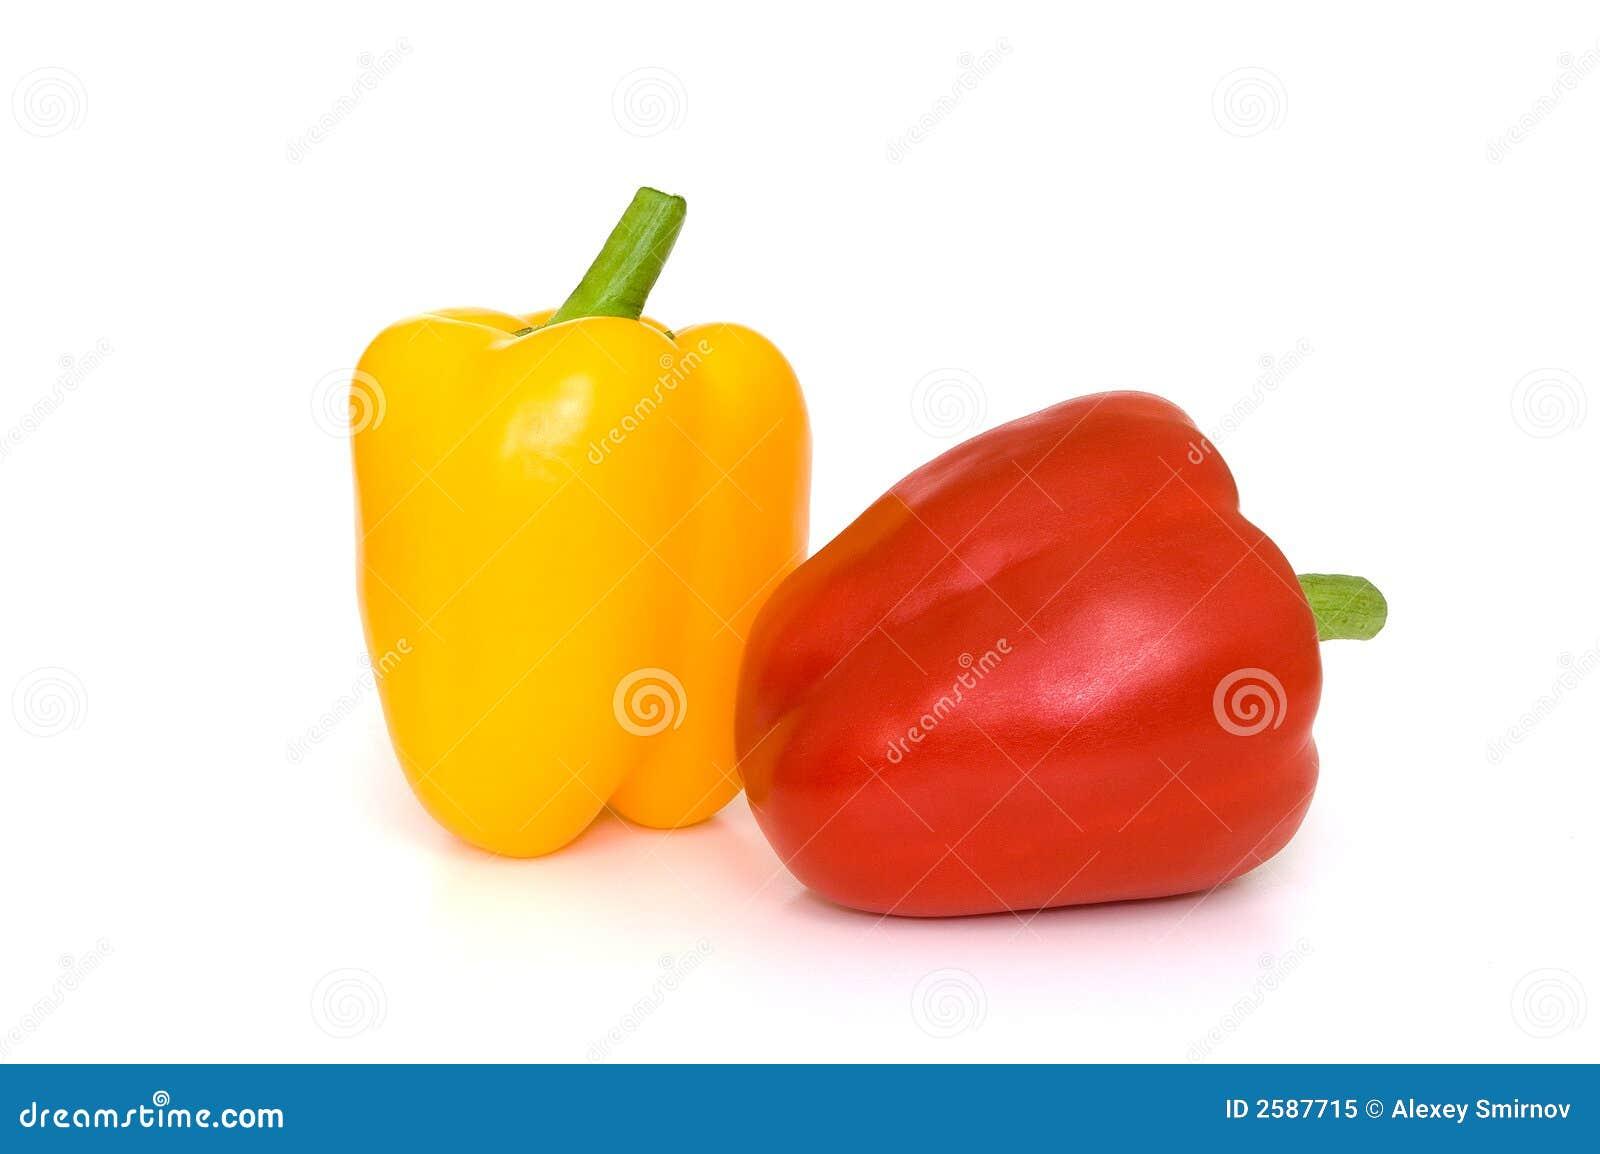 辣椒粉红色黄色